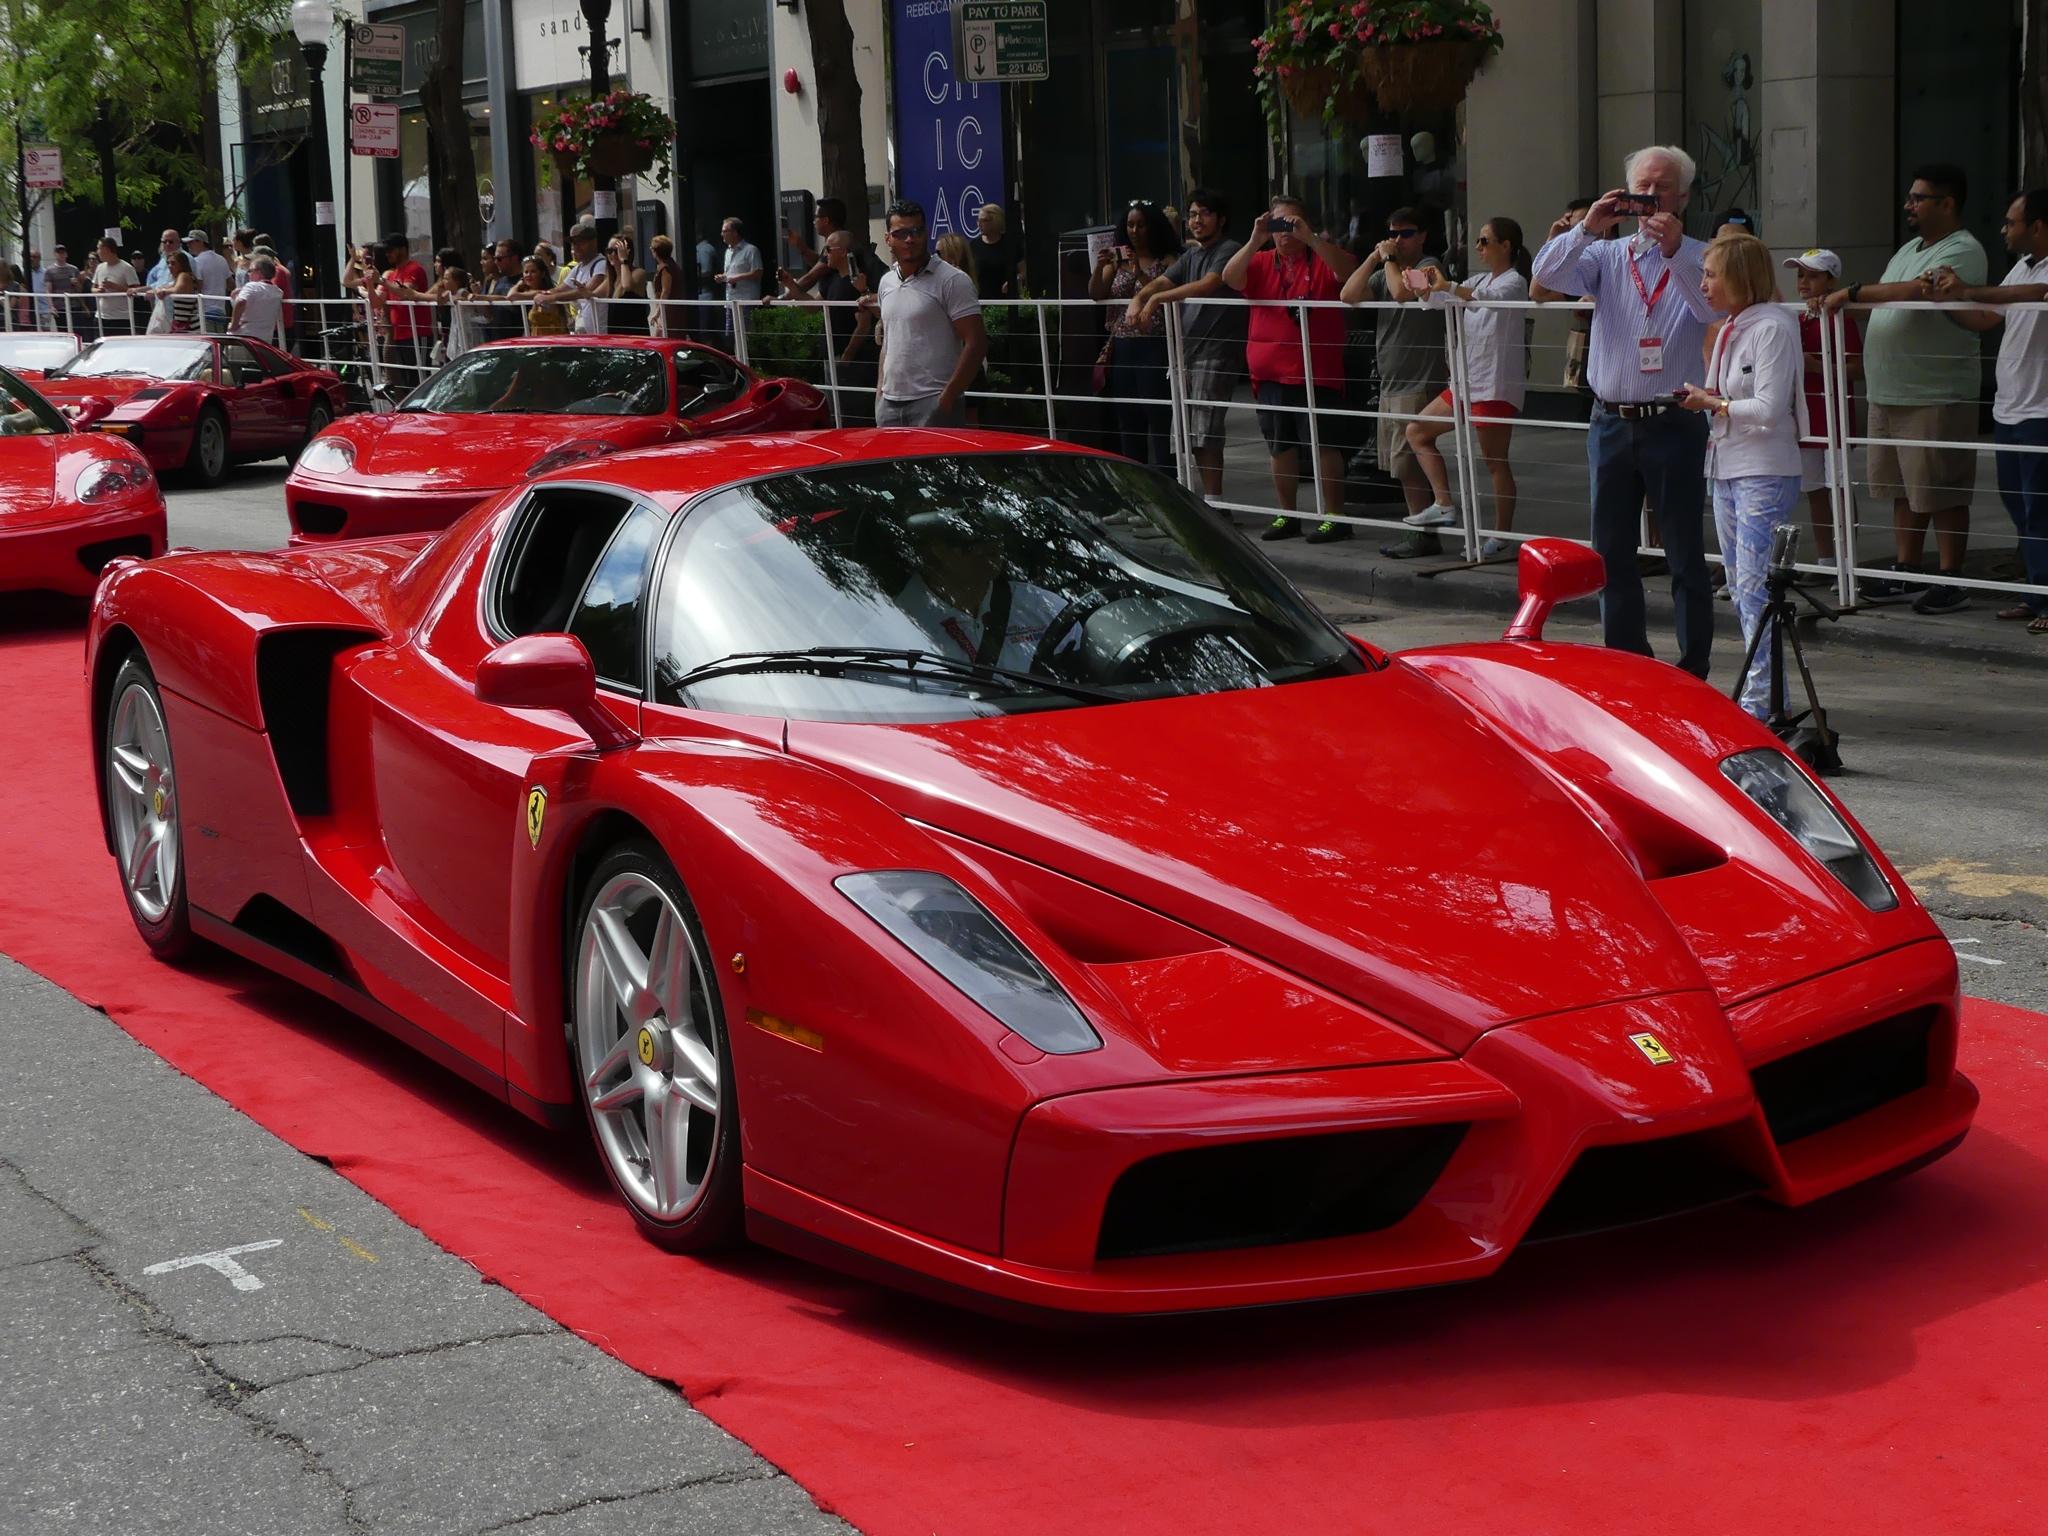 Ferraris On Oak Street - Paulette Wolf Events